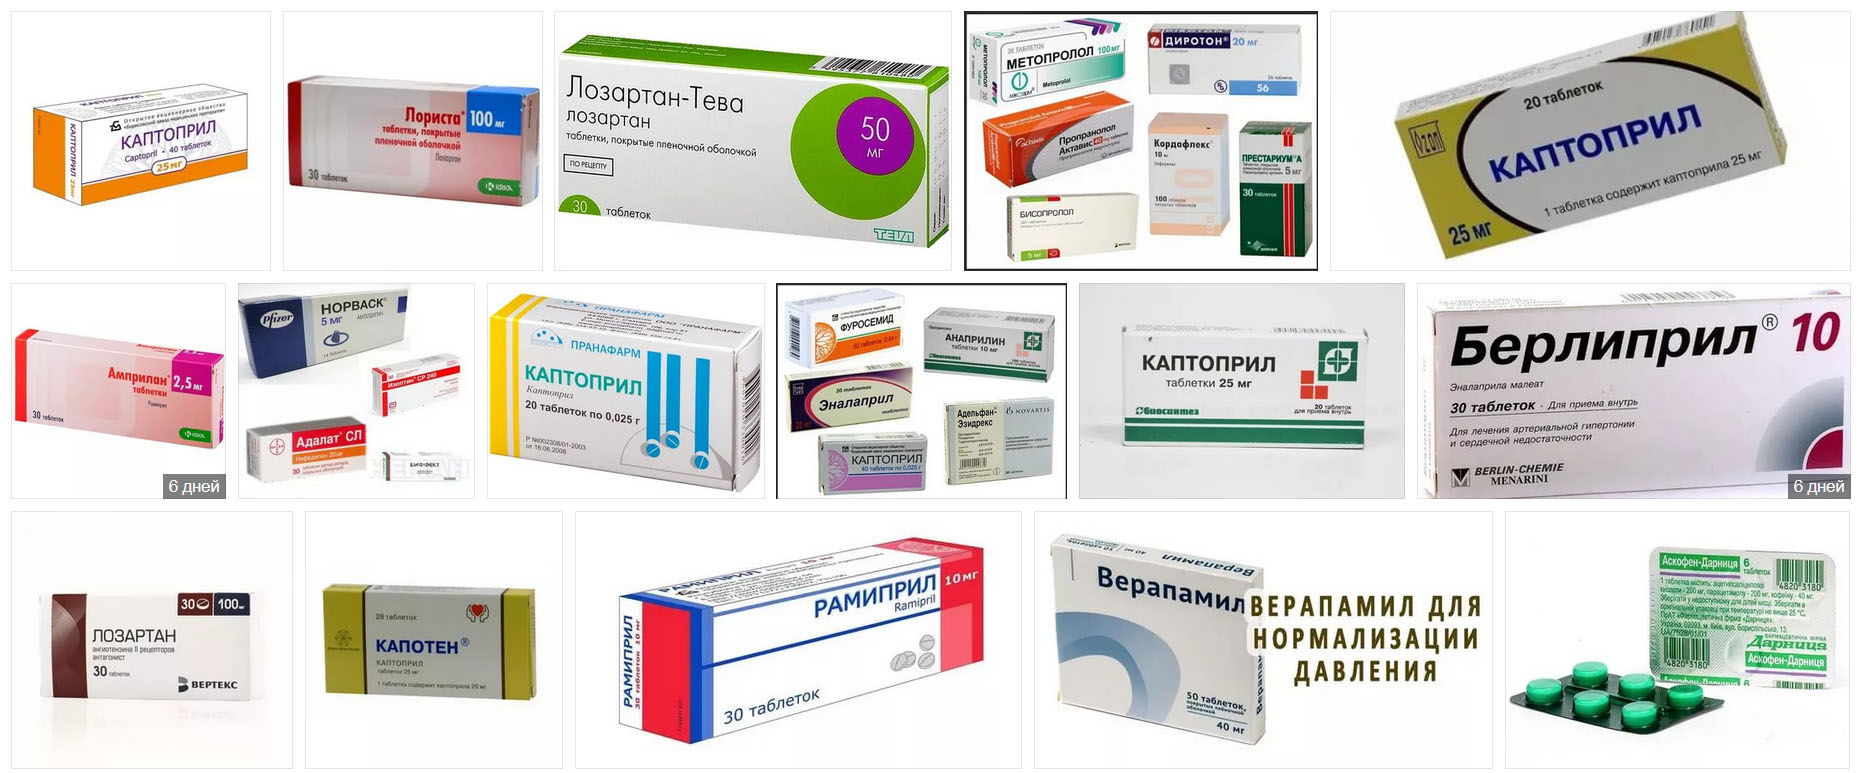 Таблетки от давления повышенного: названия, список препаратов